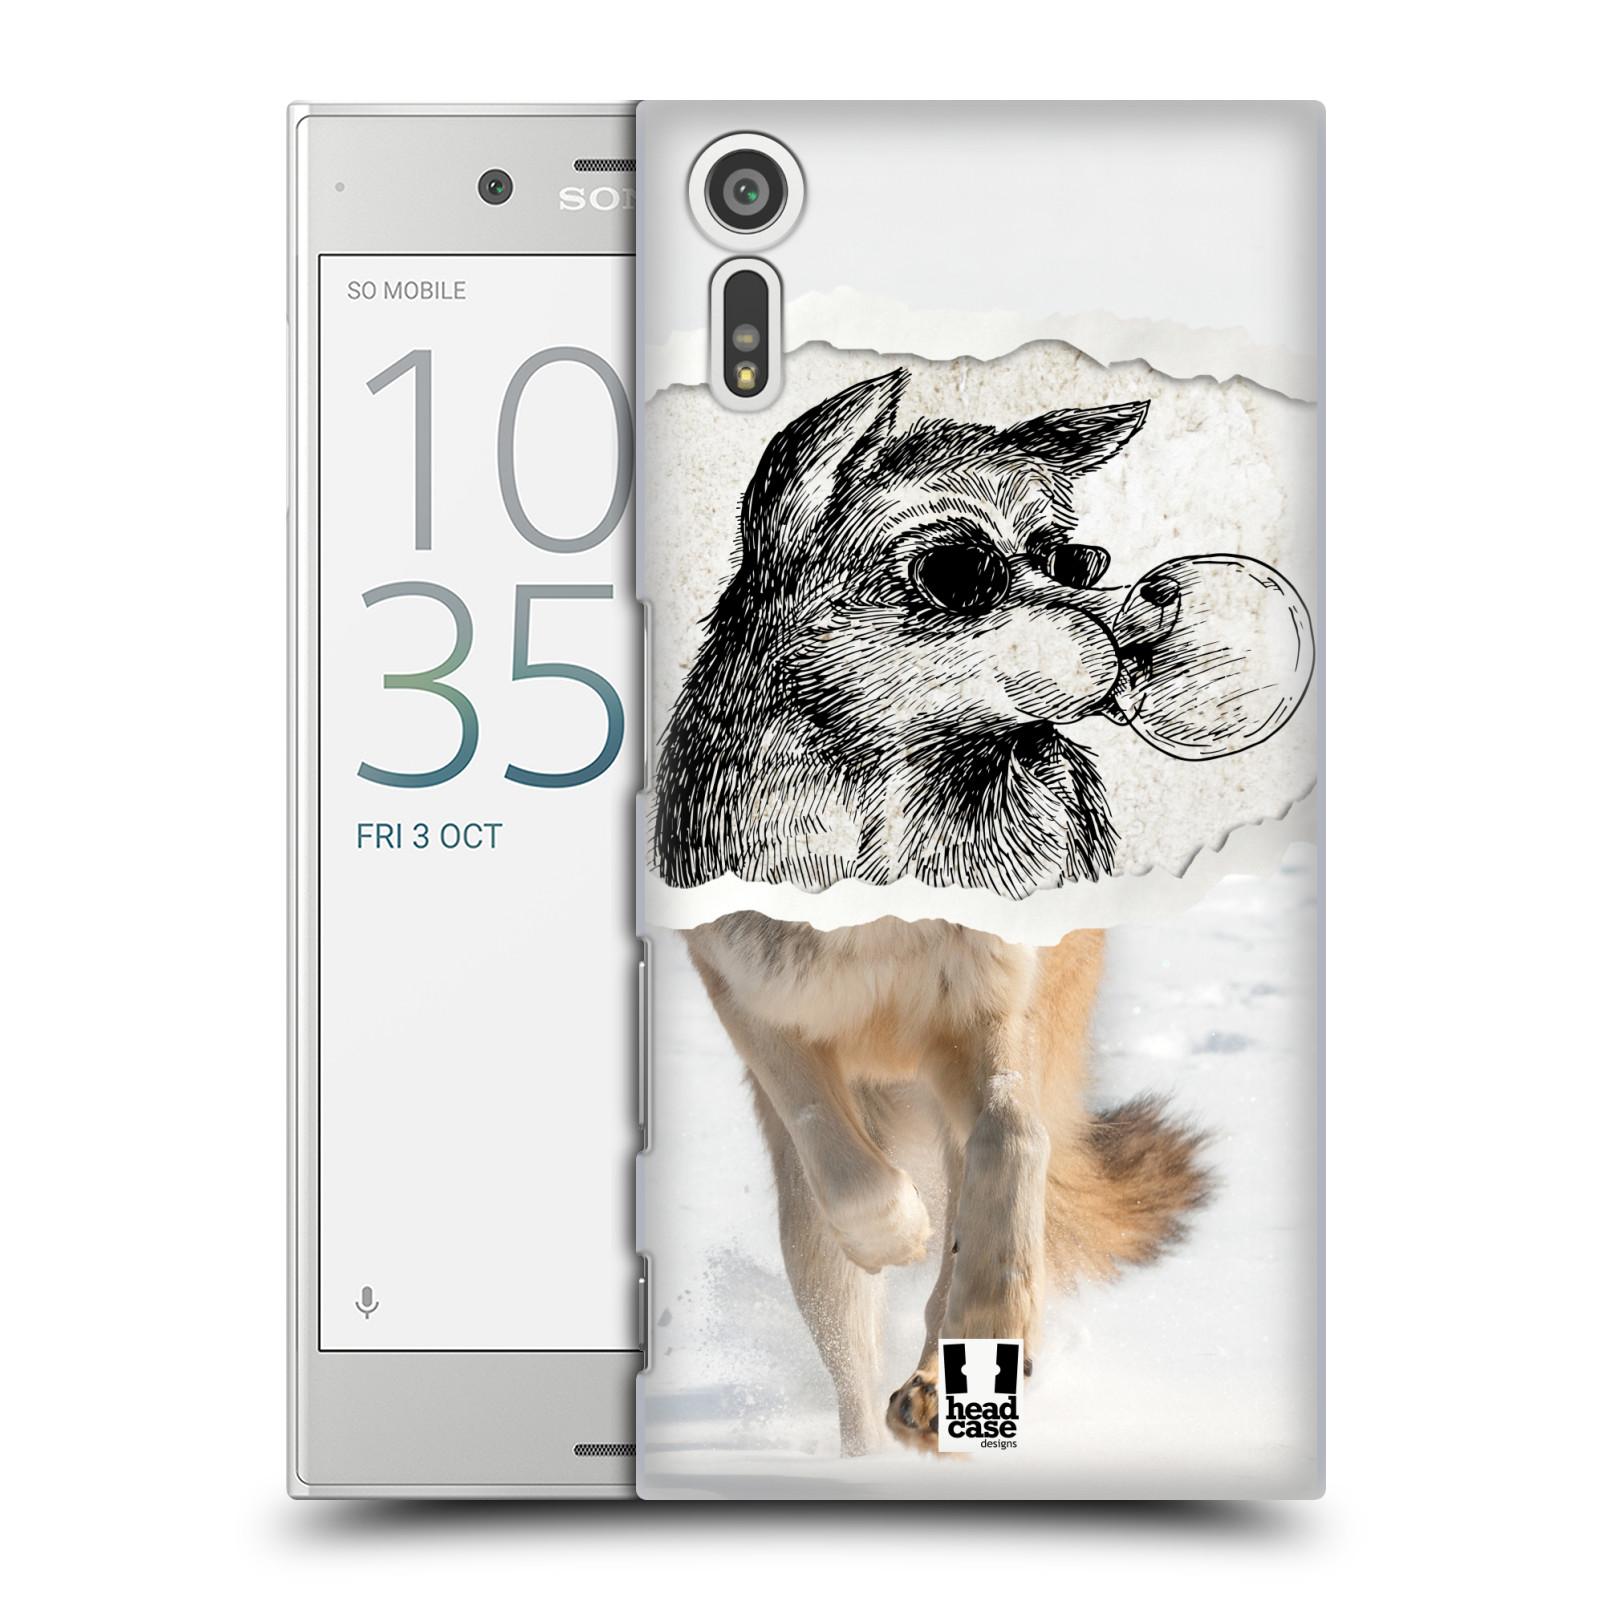 HEAD CASE plastový obal na mobil Sony Xperia XZ vzor zvířata koláž vlk pohodář